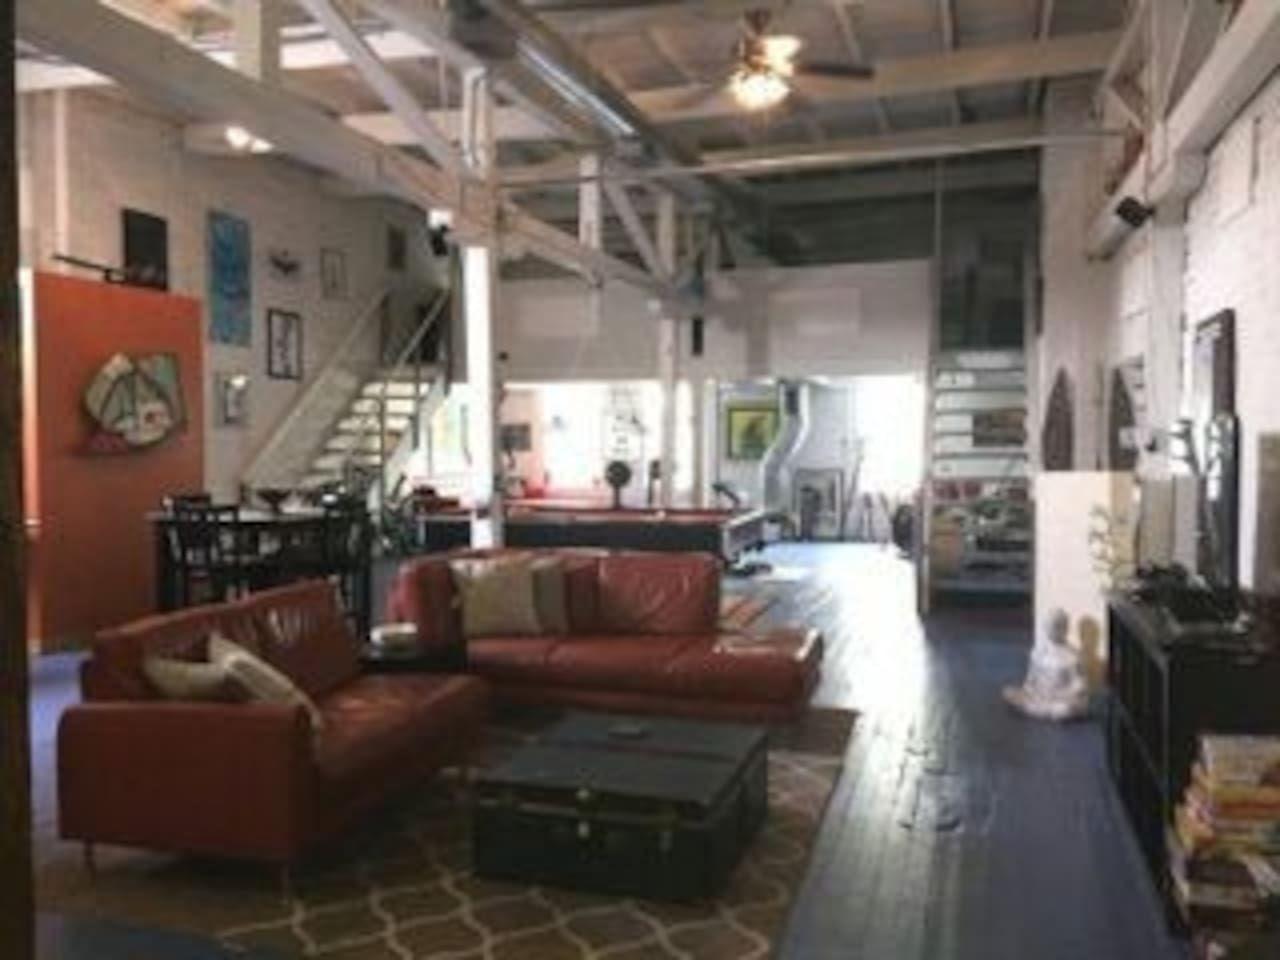 Artsy loft castleberrydowntown lofts for rent in